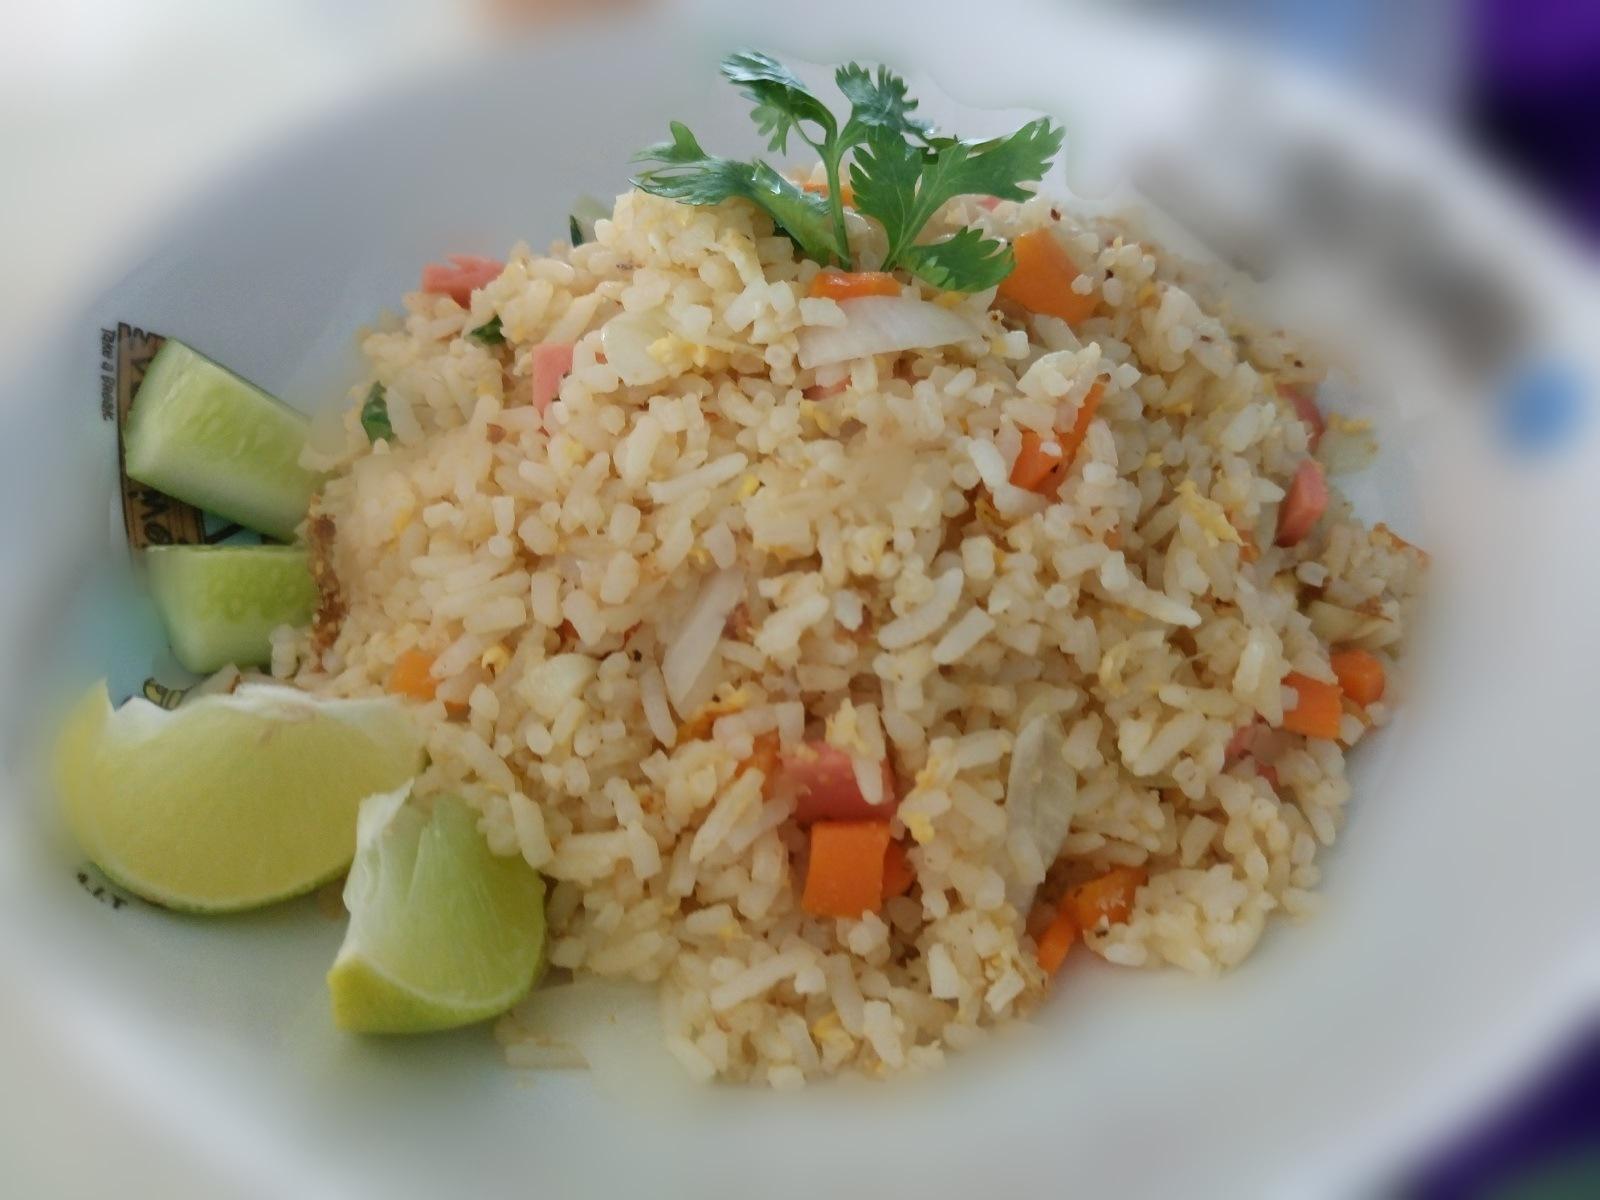 Fried rice by SolomonEz